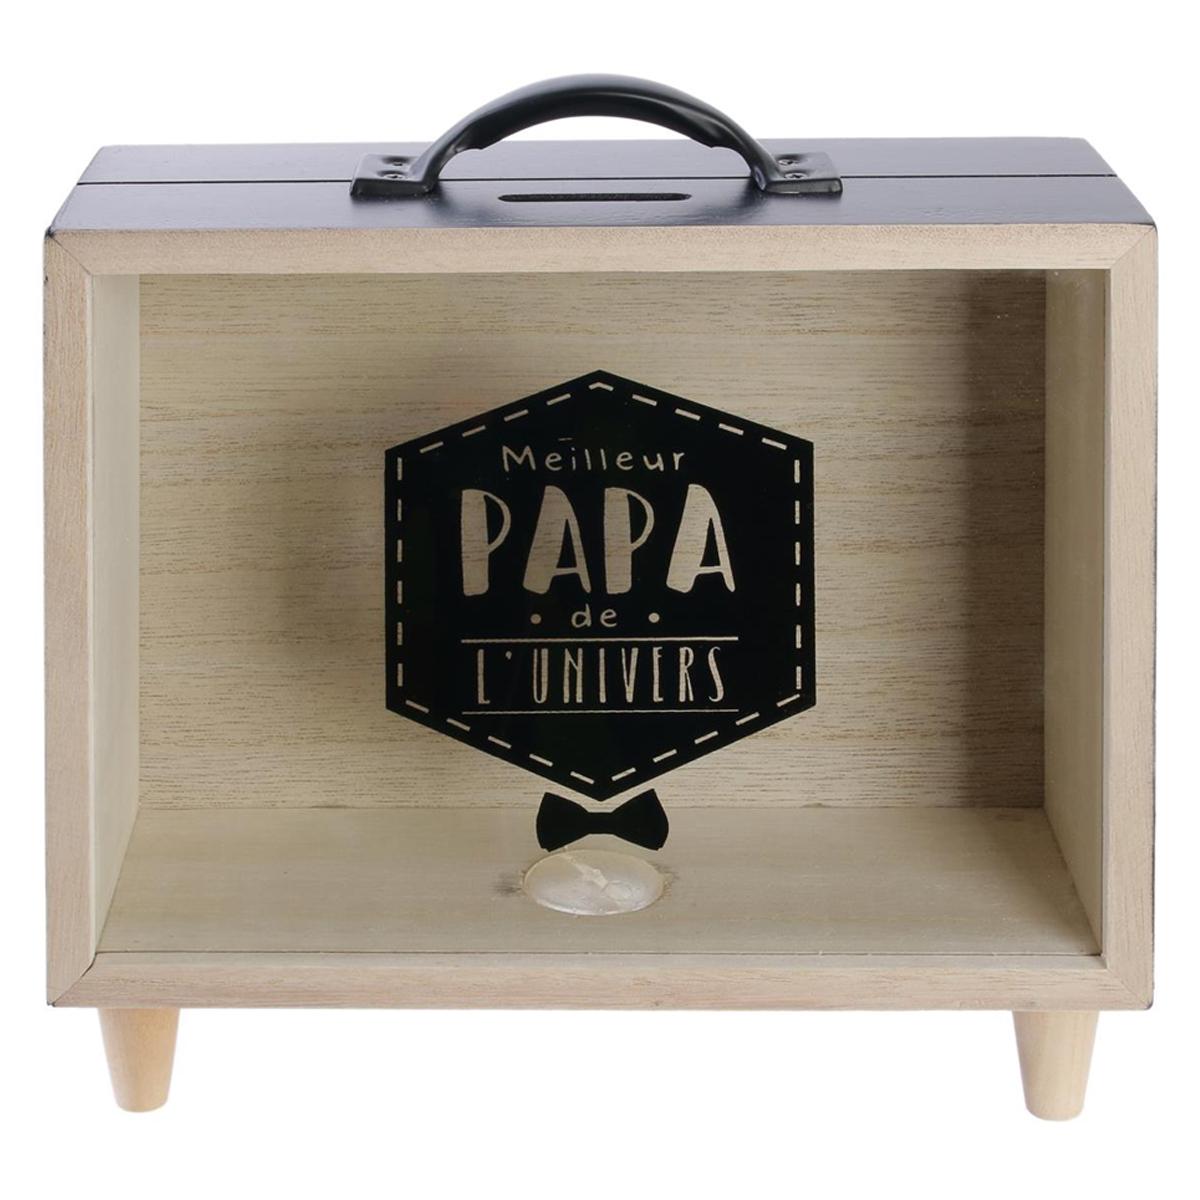 Tirelire valise bois \'Papa\' noir beige (Meilleur Papa de l\'univers) - 21x20x7 cm - [Q7746]